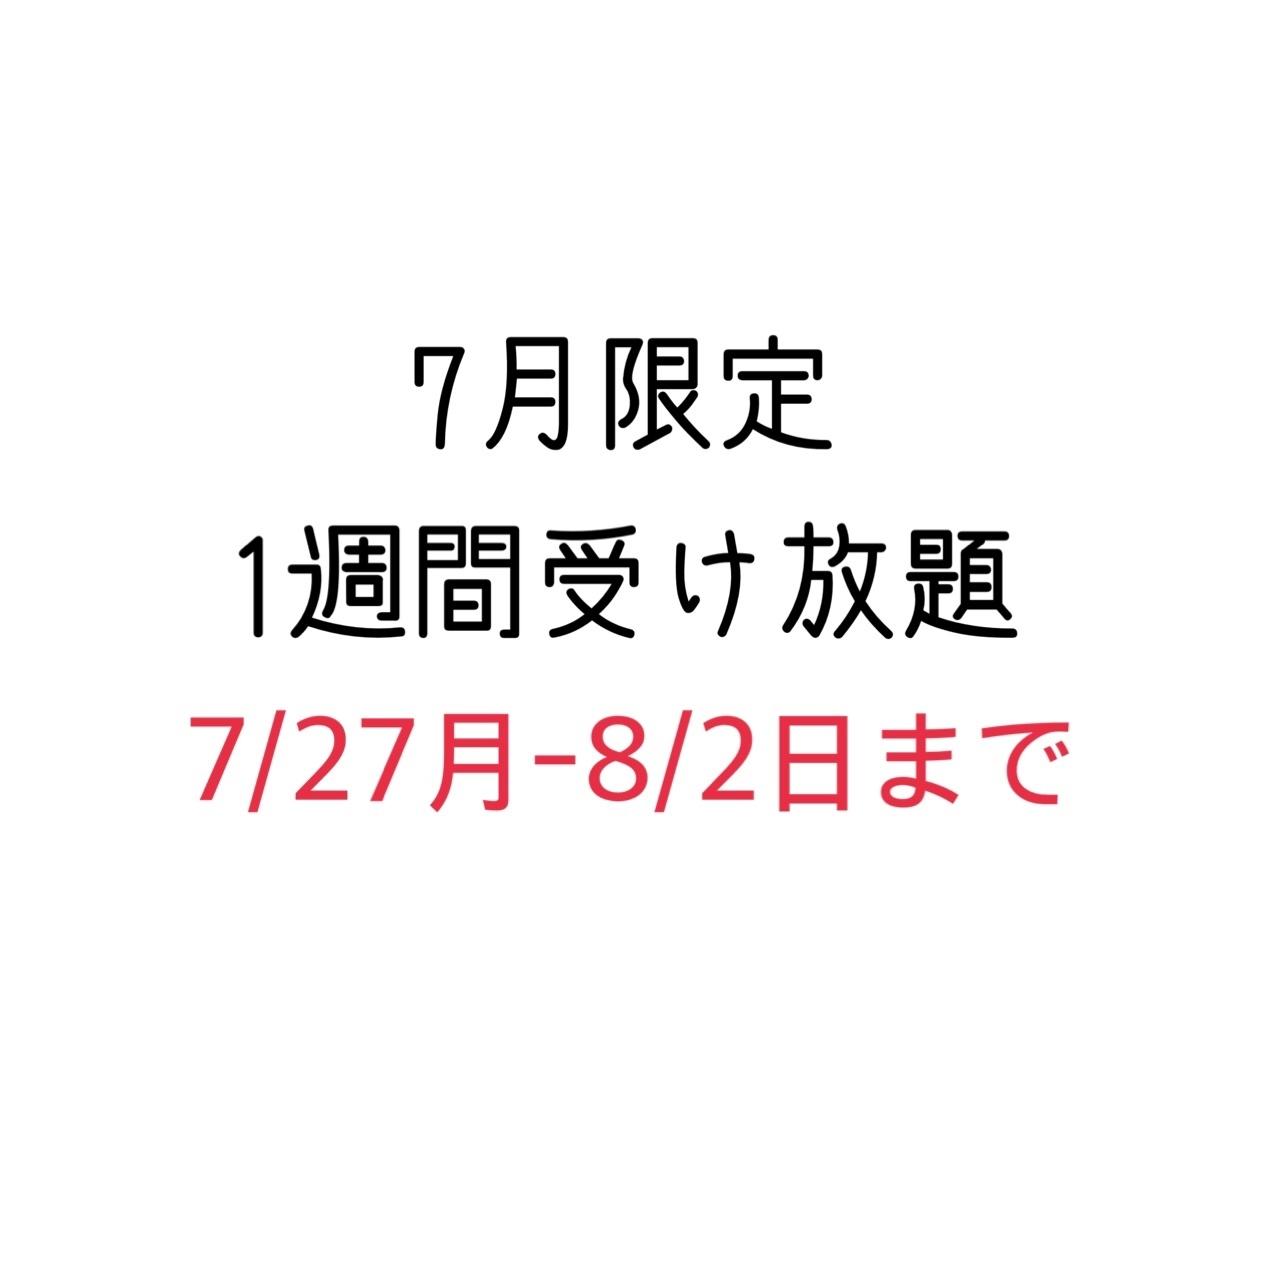 ④【特別企画】1週間受け放題7/27-8/2のご予約